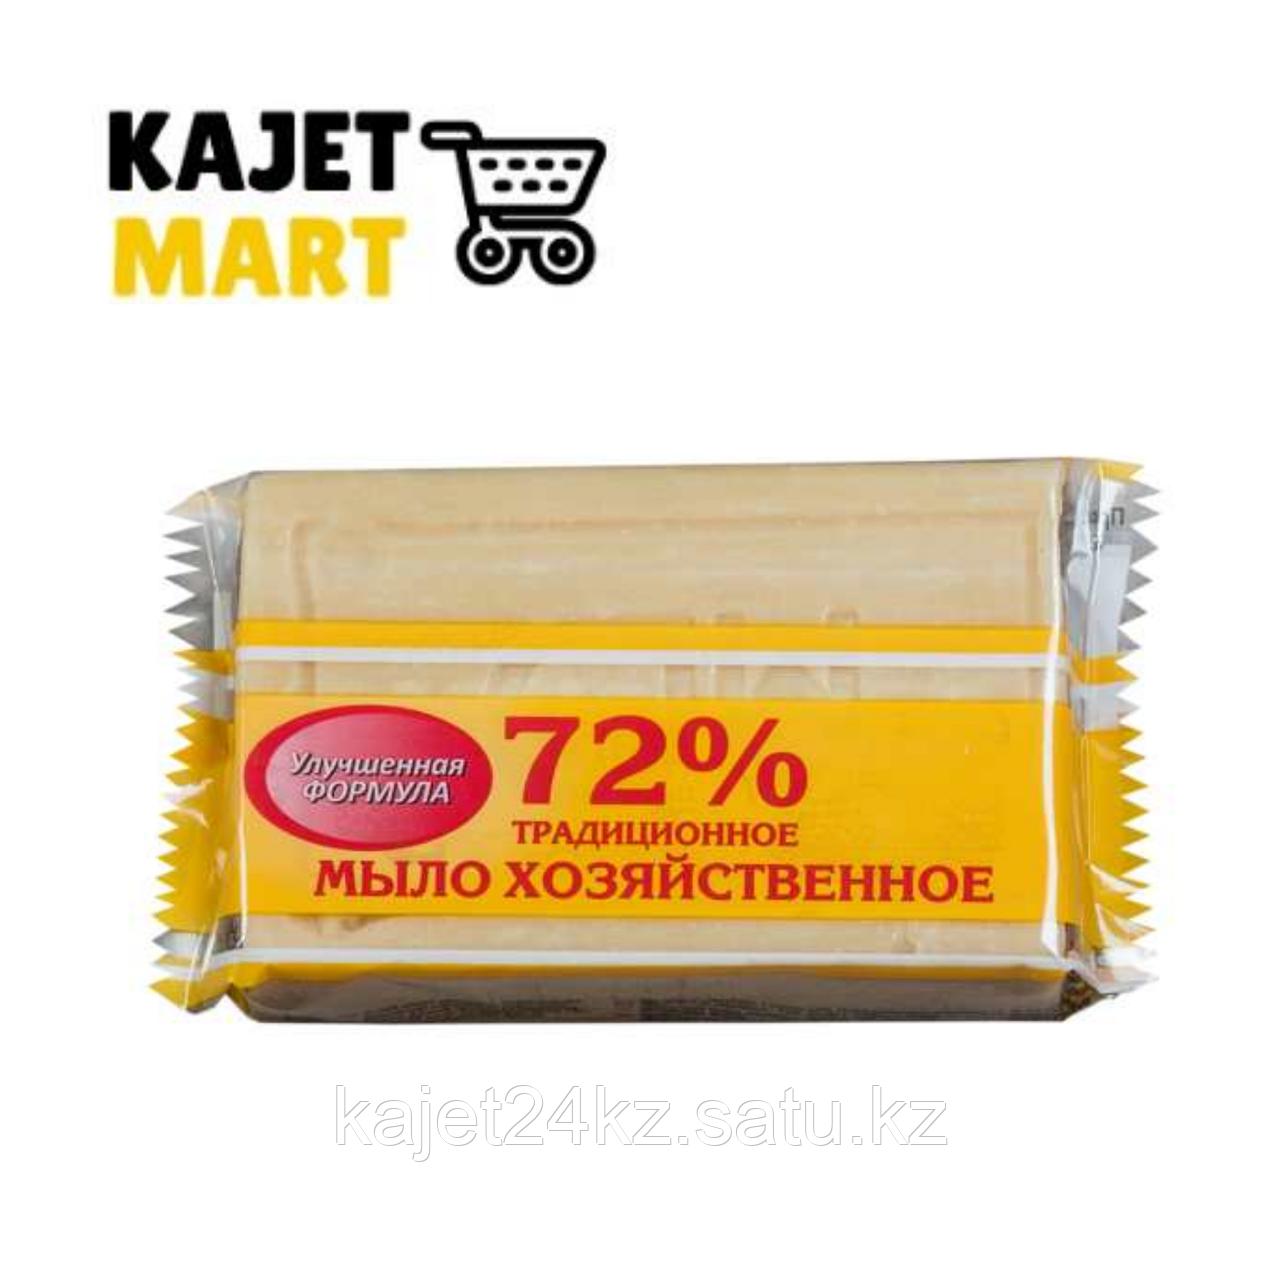 Меридиан Мыло хозяйственное 72%, 150 гр (в обертке)